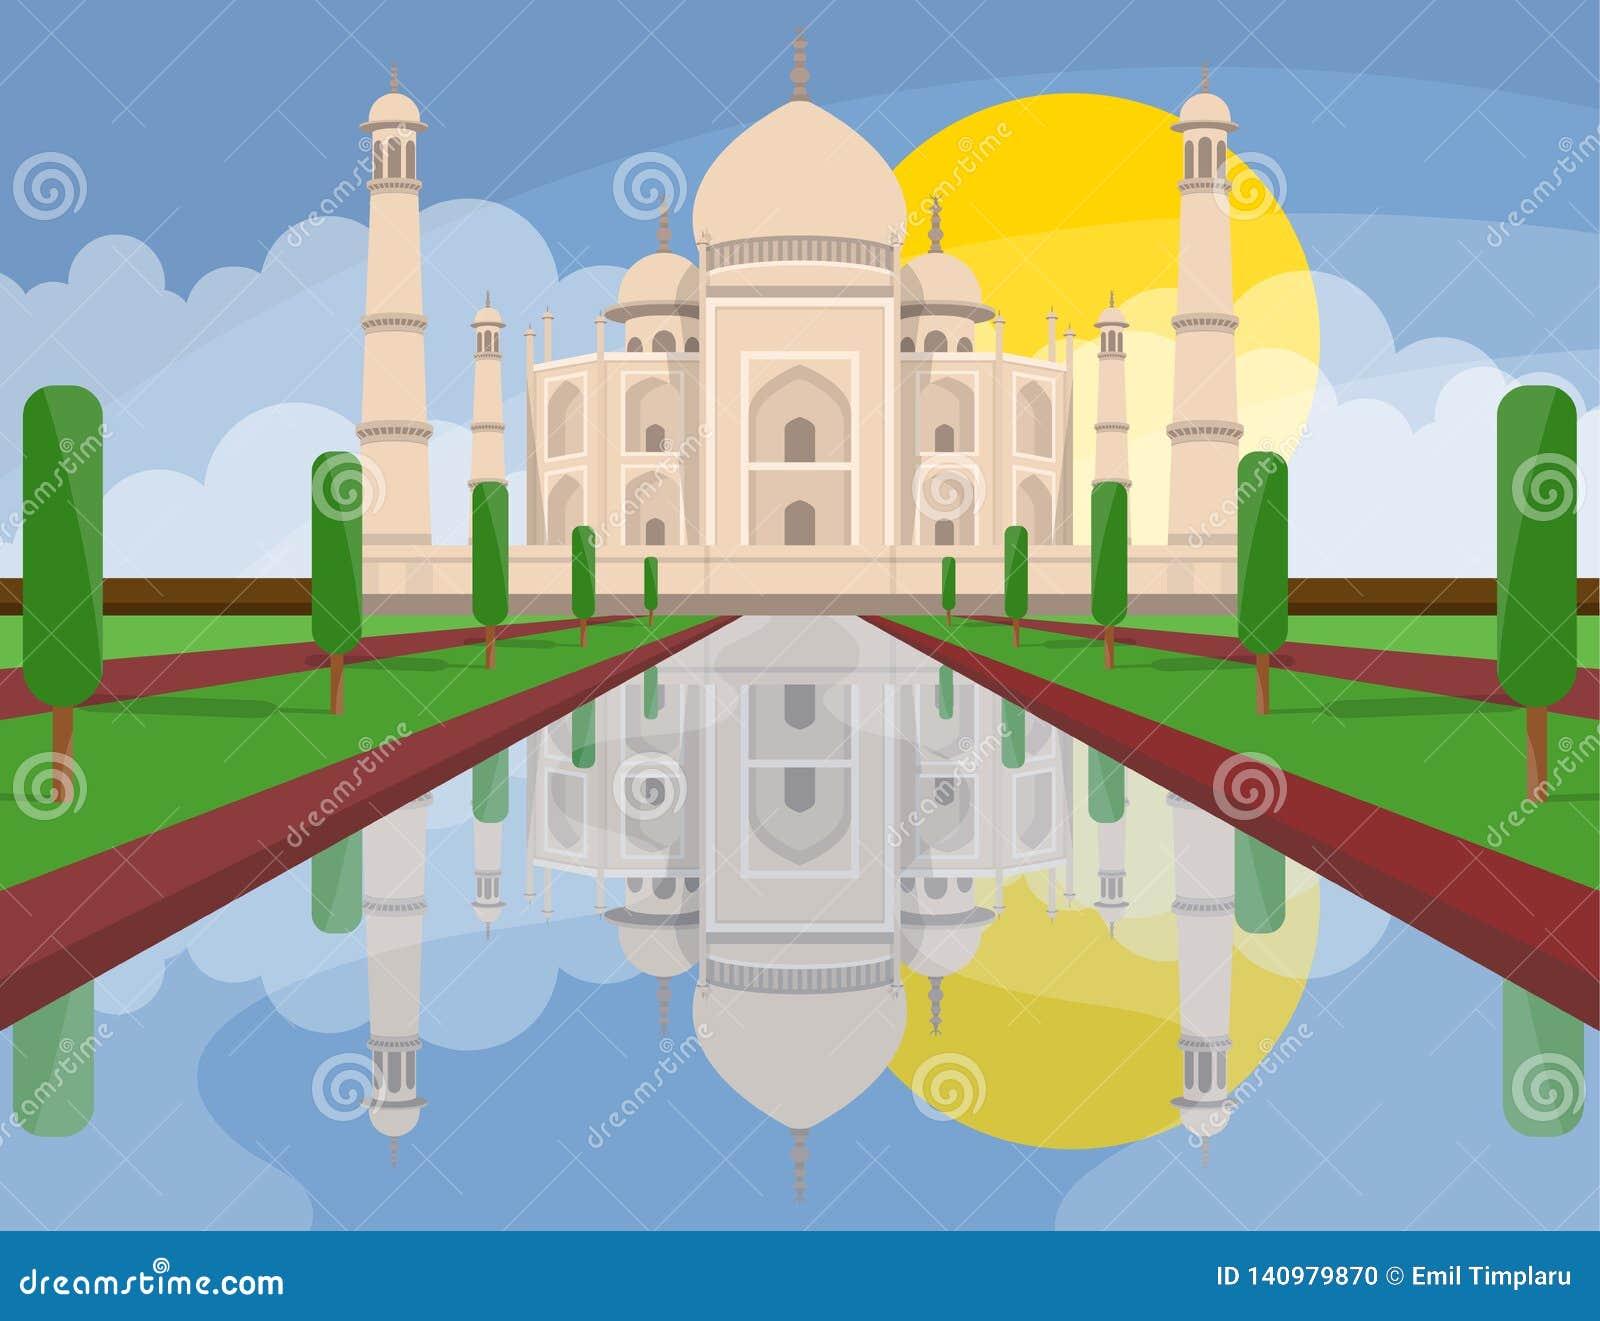 Taj mahal India vector design illustration. Concept art.